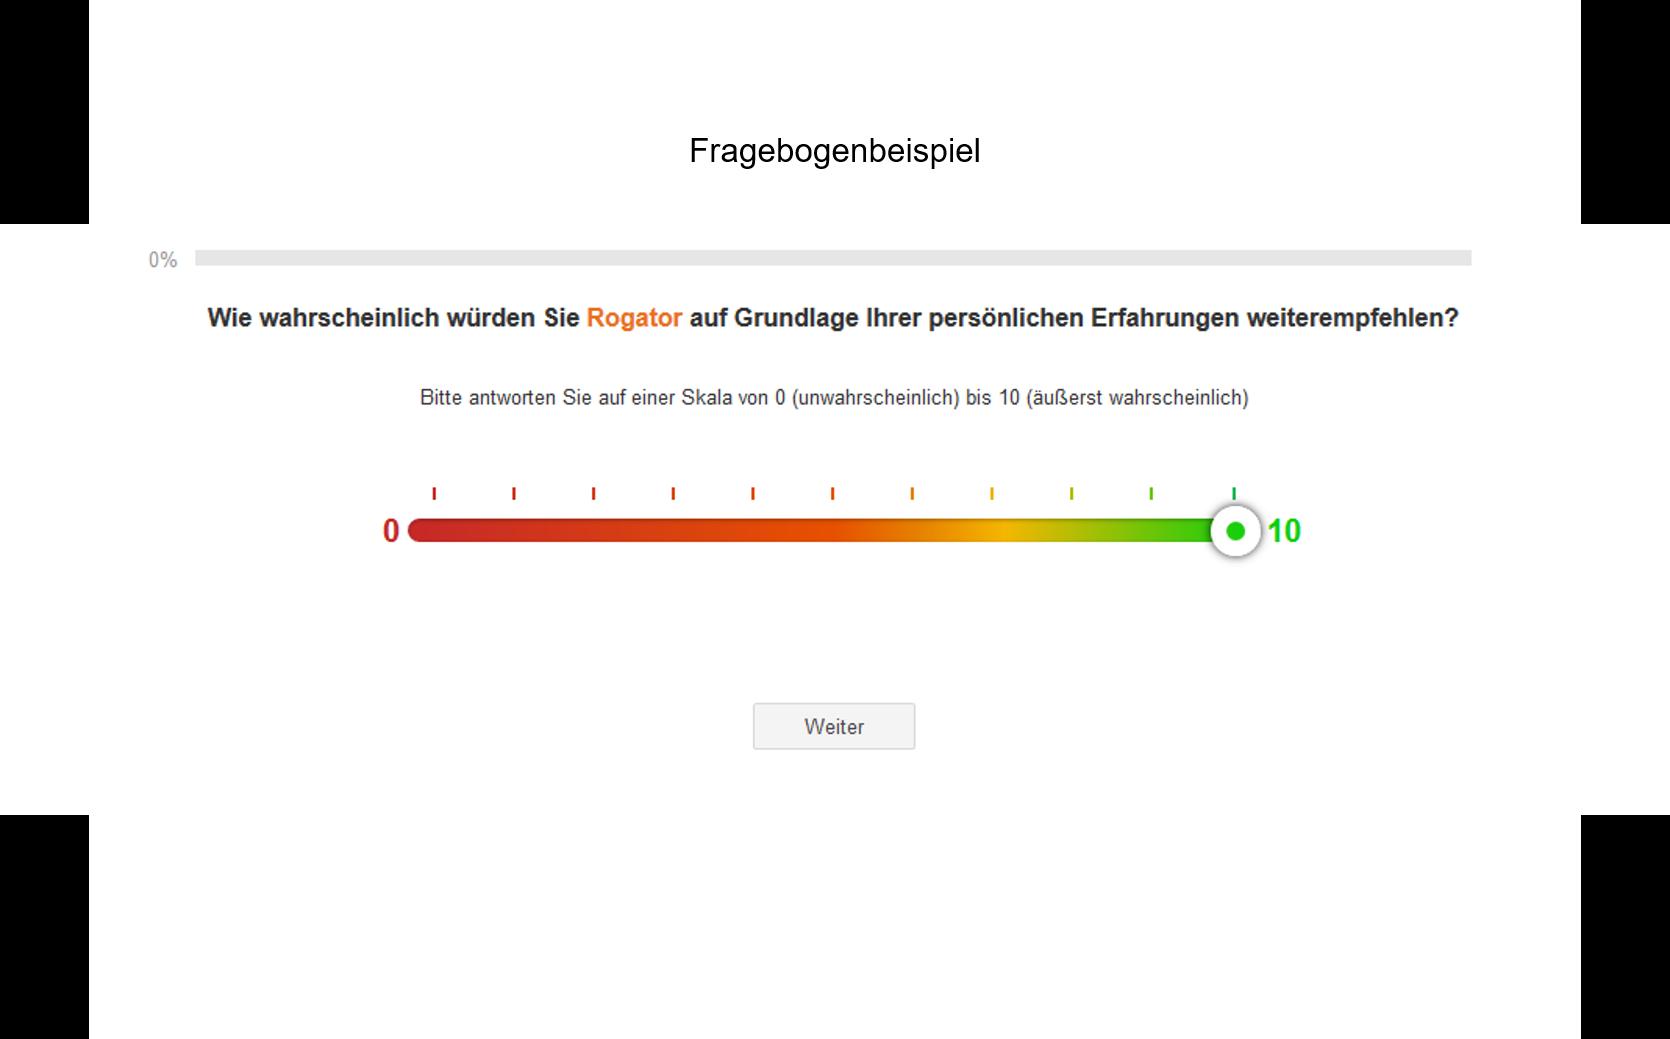 Fragebogenbeispiel Net Promoter Score